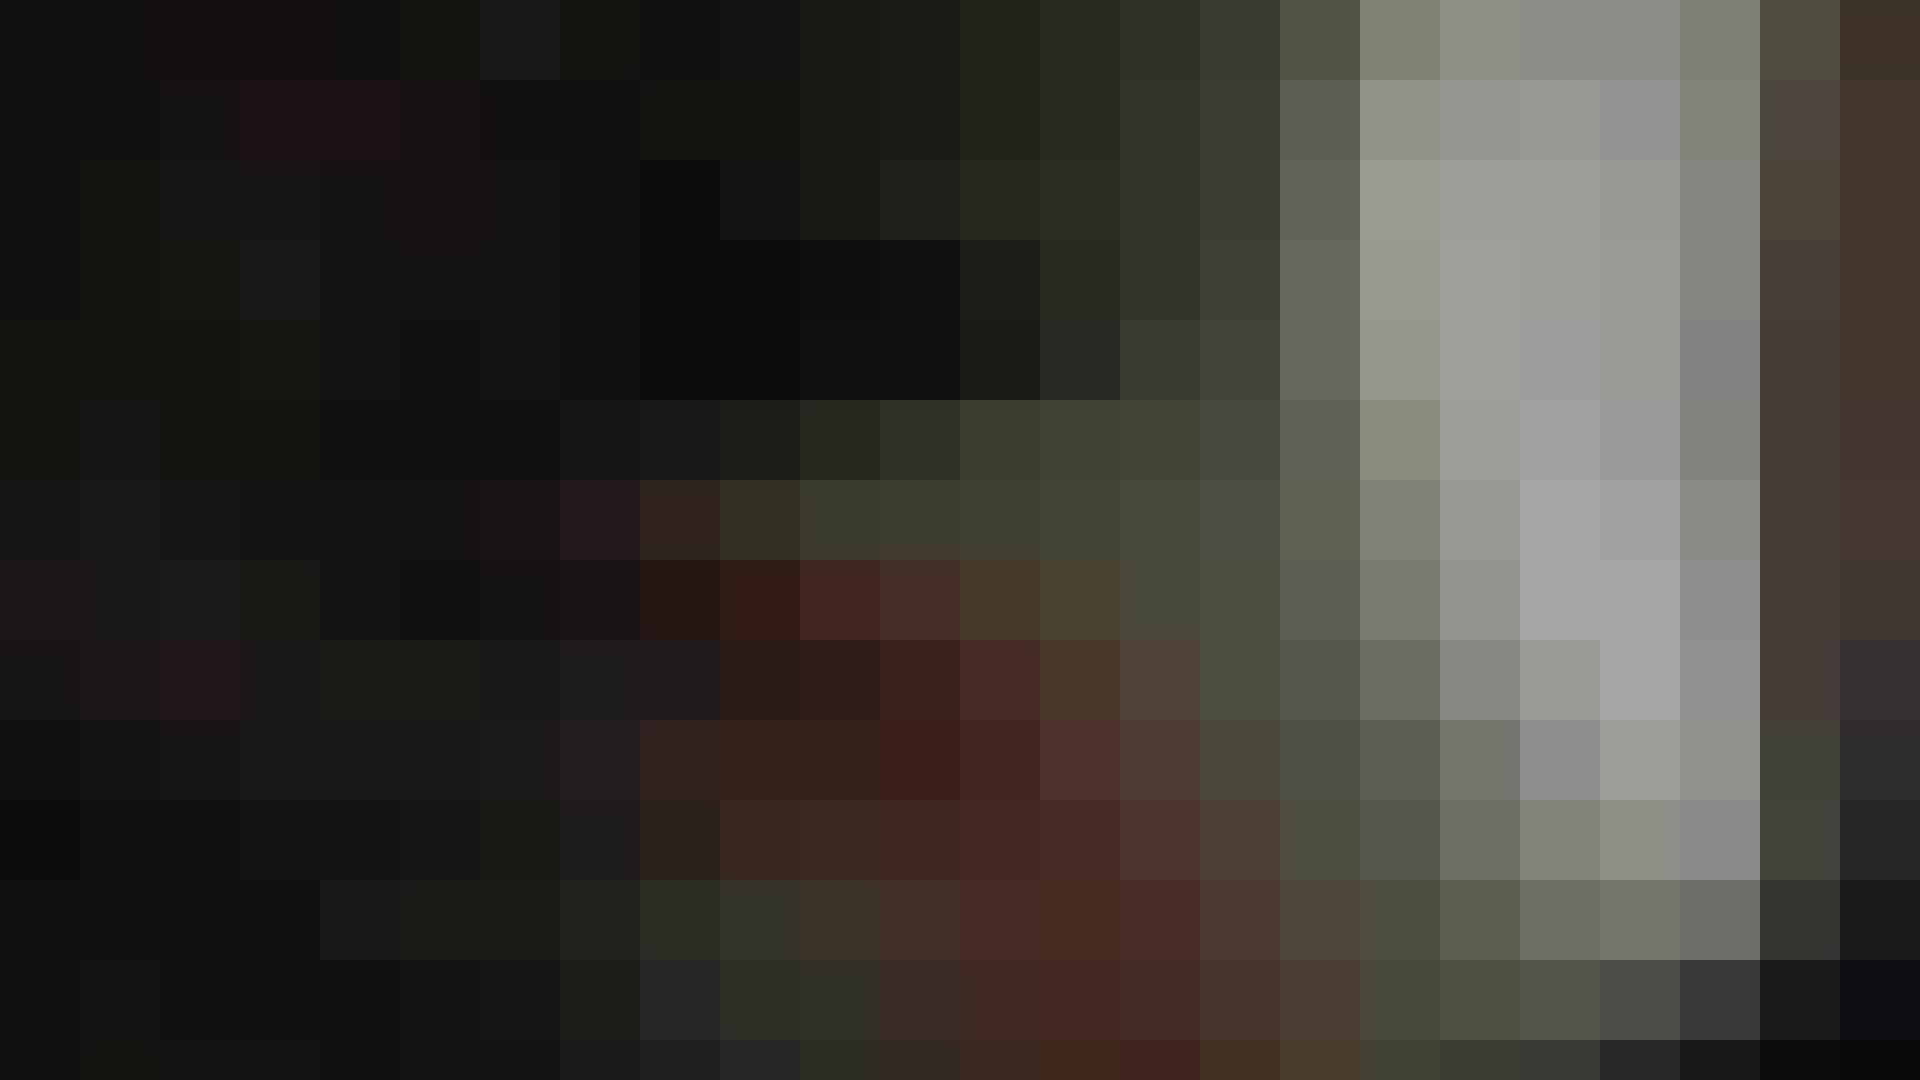 阿国ちゃんの「和式洋式七変化」No.18 iBO(フタコブ) ギャル達 | お姉さんのSEX  105枚 61